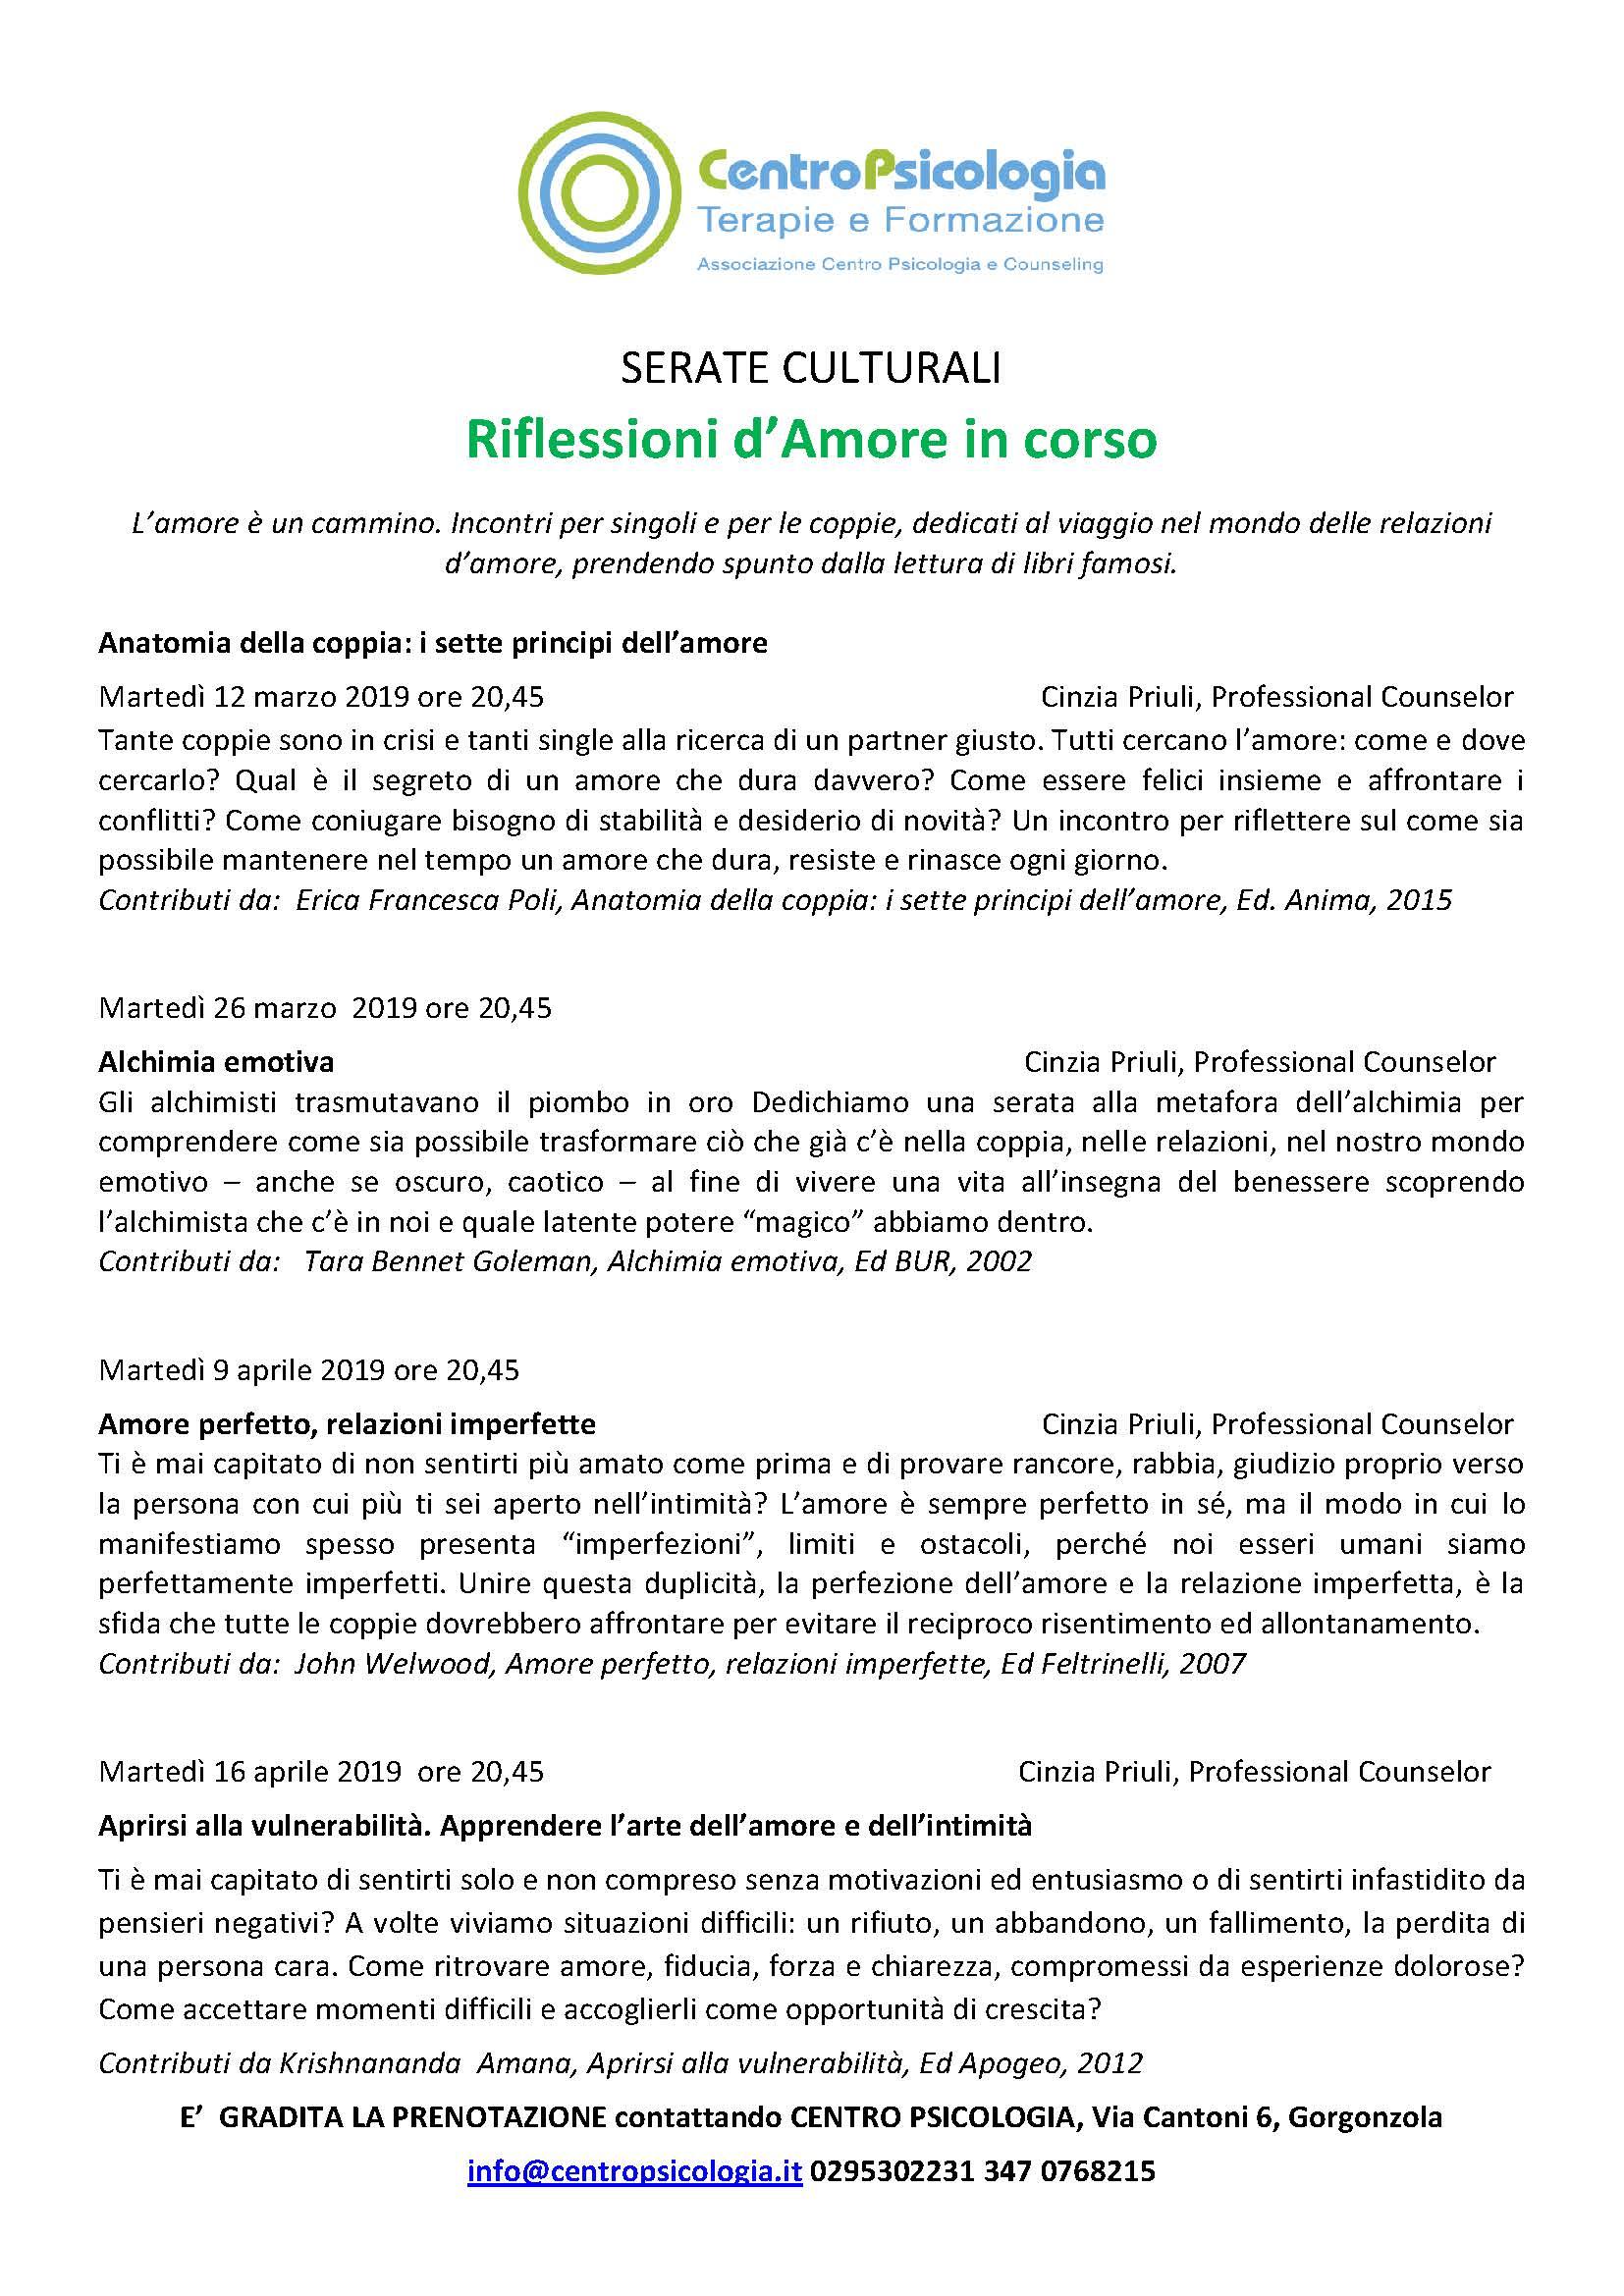 2019 Ciclo Conferenze riflessioni amore in corso CORRETTO